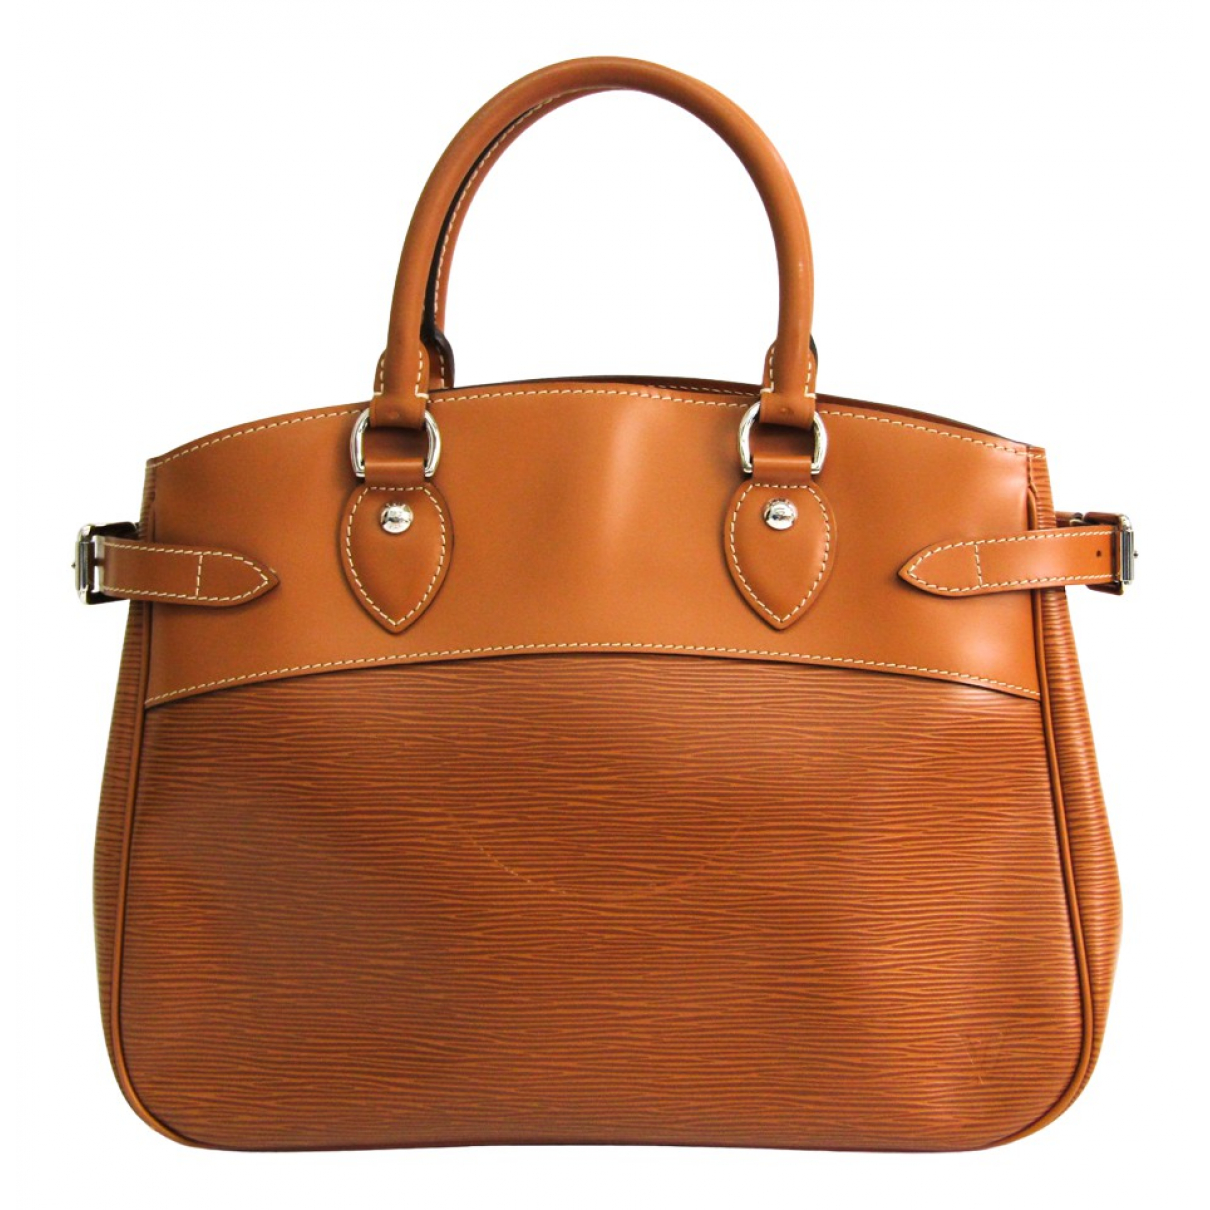 Louis Vuitton - Sac a main Passy pour femme en cuir - marron